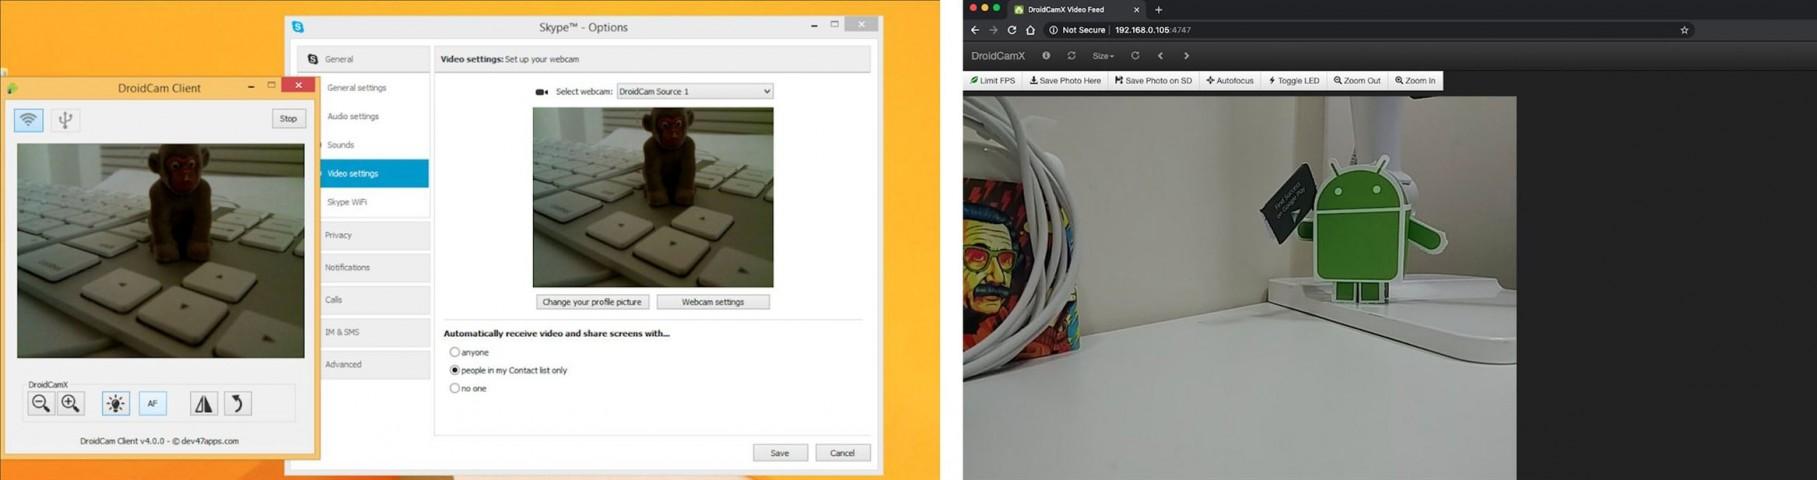 droidcam-apk-download.jpg